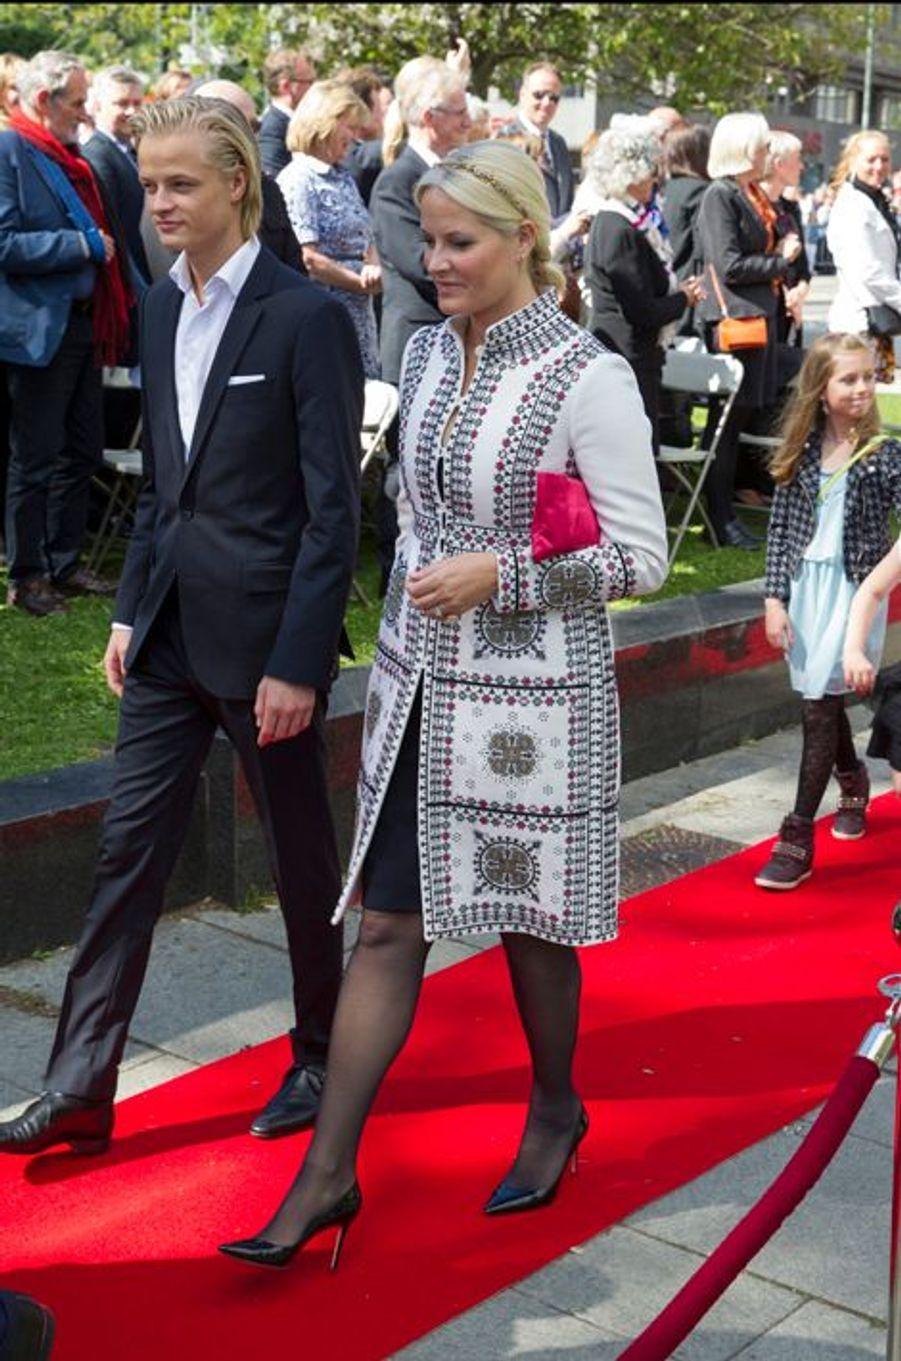 La princesse Mette-Marit de Norvège avec son fils aîné Marius à Oslo, le 7 juin 2015